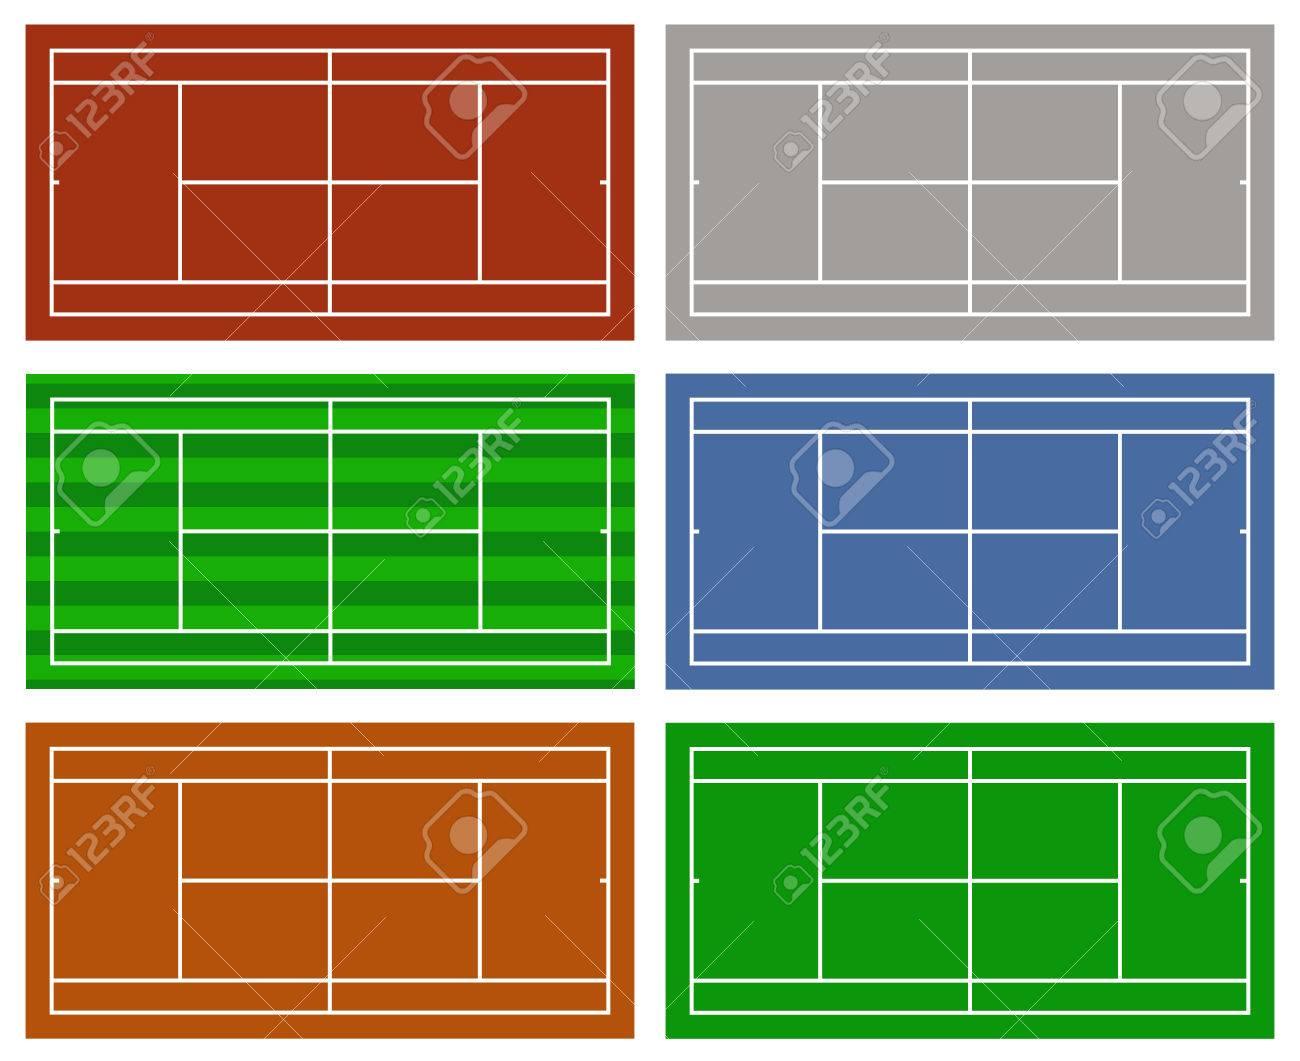 白で隔離異なるテニスコートのイラストのイラスト素材ベクタ Image